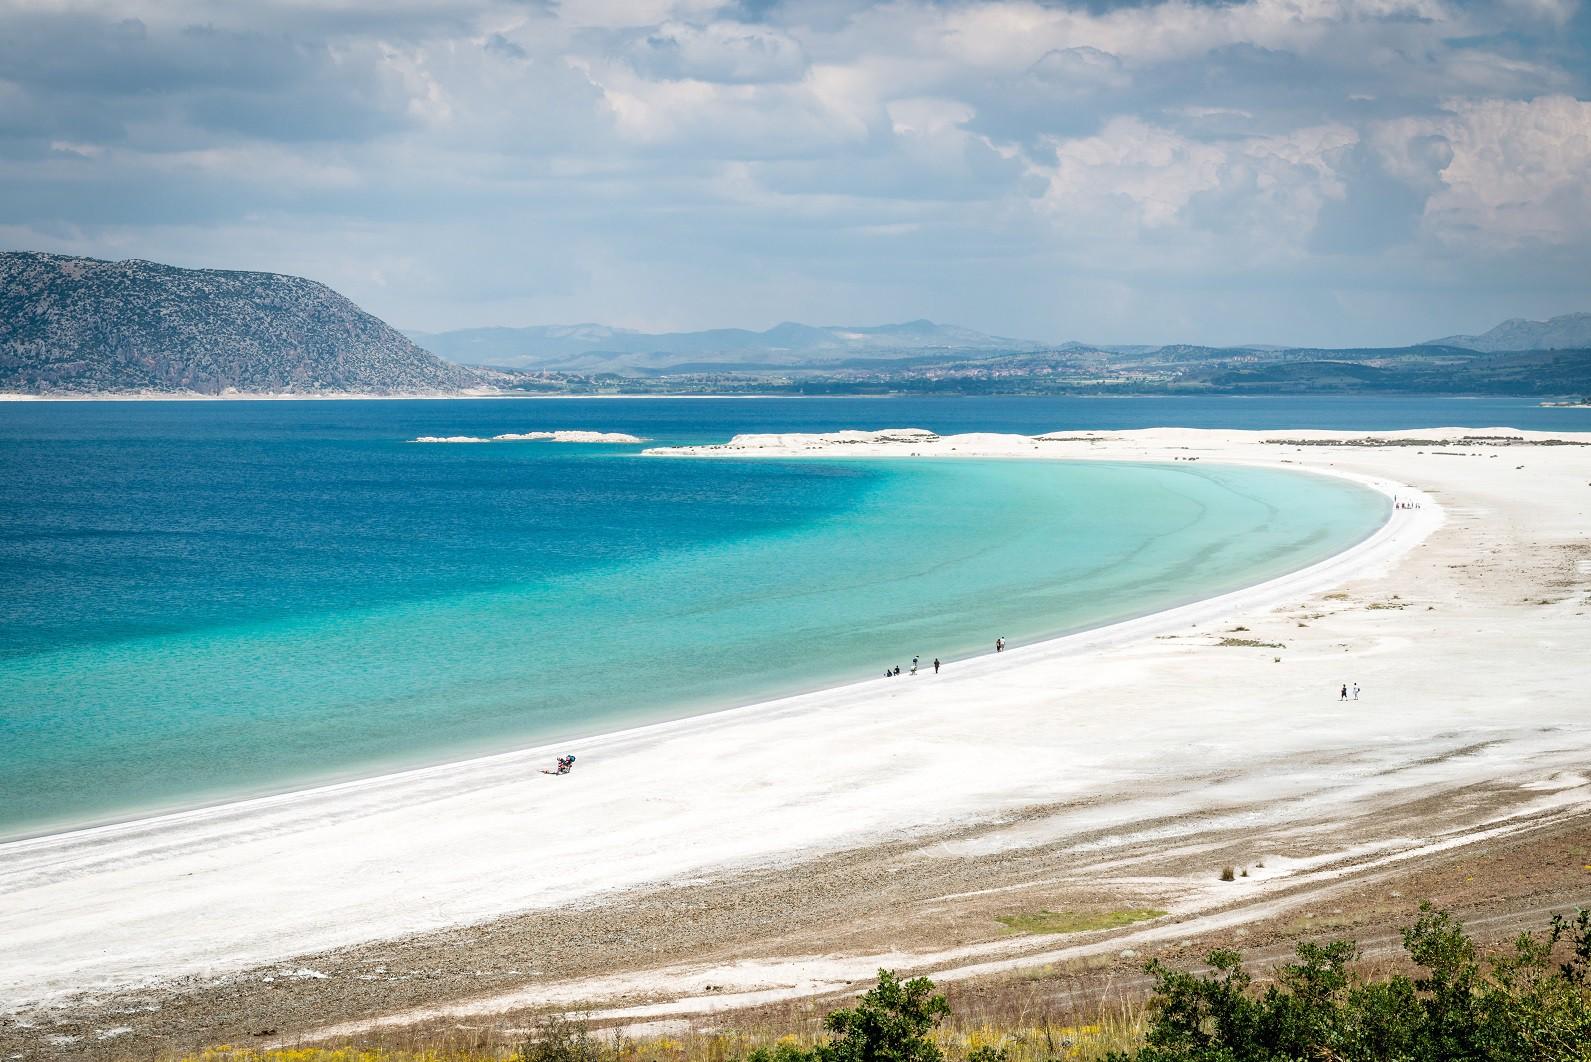 SALDA GÖLÜ'NE İLGİ ARTIYOR Bembeyaz kumları ve masmavi sularıyla tropik bir adayı anımsatan Salda Gölü, son yıllarda seyahat severlerin en çok tercih ettikleri rotaların başında geliyor. Sit alanı olması nedeniyle bakir kalan ve adeta saklı bir cennet olan Salda, Denizli ve Antalya'nın ortasında konumlanıyor. (Fotoğraf: Salda)